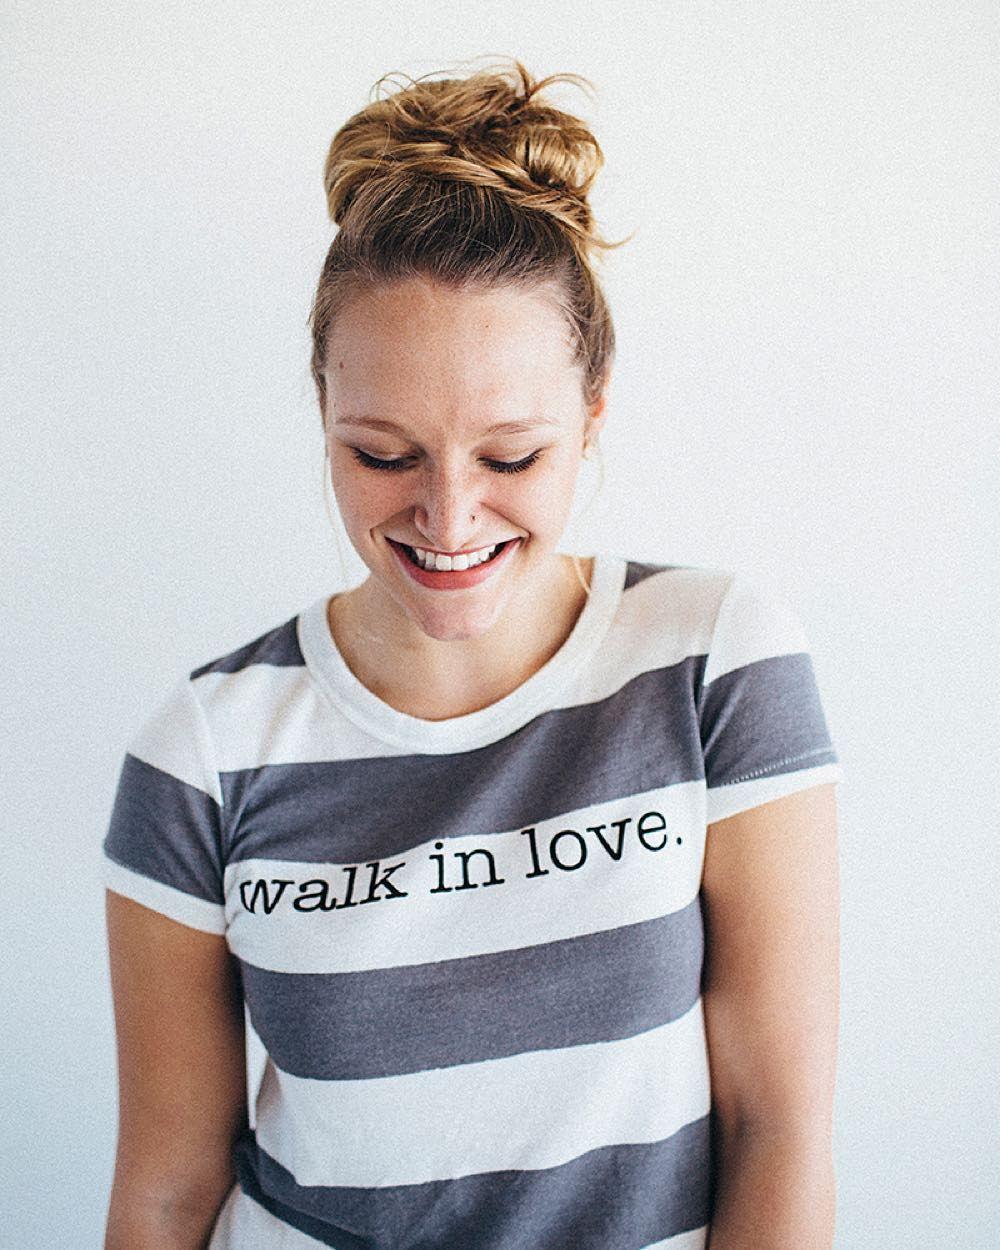 Striped tees forever!!  #walkinlove #iwearwalkinlove